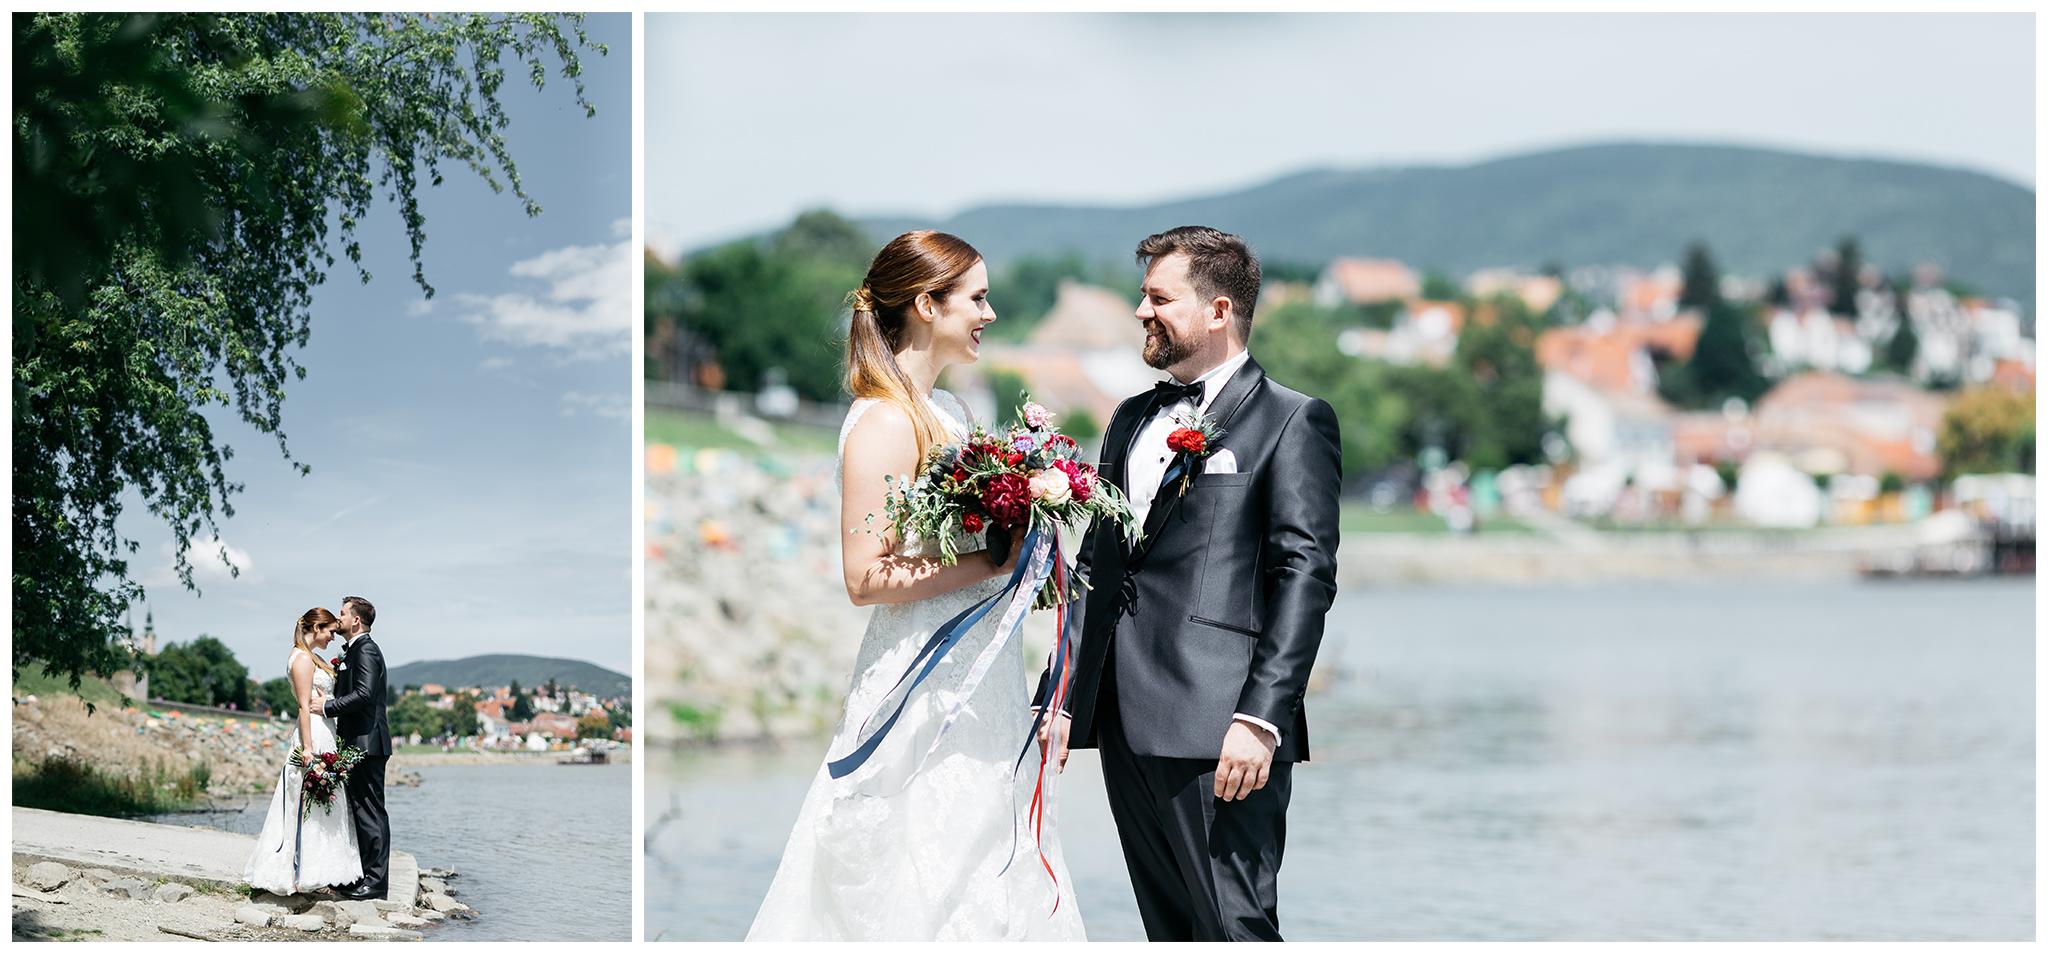 MONT_FylepPhoto, Esküvőfotós Vasmegye, Esküvő fotózás, Esküvői fotós, Körmend, Vas megye, Dunántúl, Budapest, Fülöp Péter, Jegyes fotózás, jegyes, kreatív, kreatívfotózás,Wien,Ausztira,Österreich,hochzeitsfotograf_V&M_003.jpg